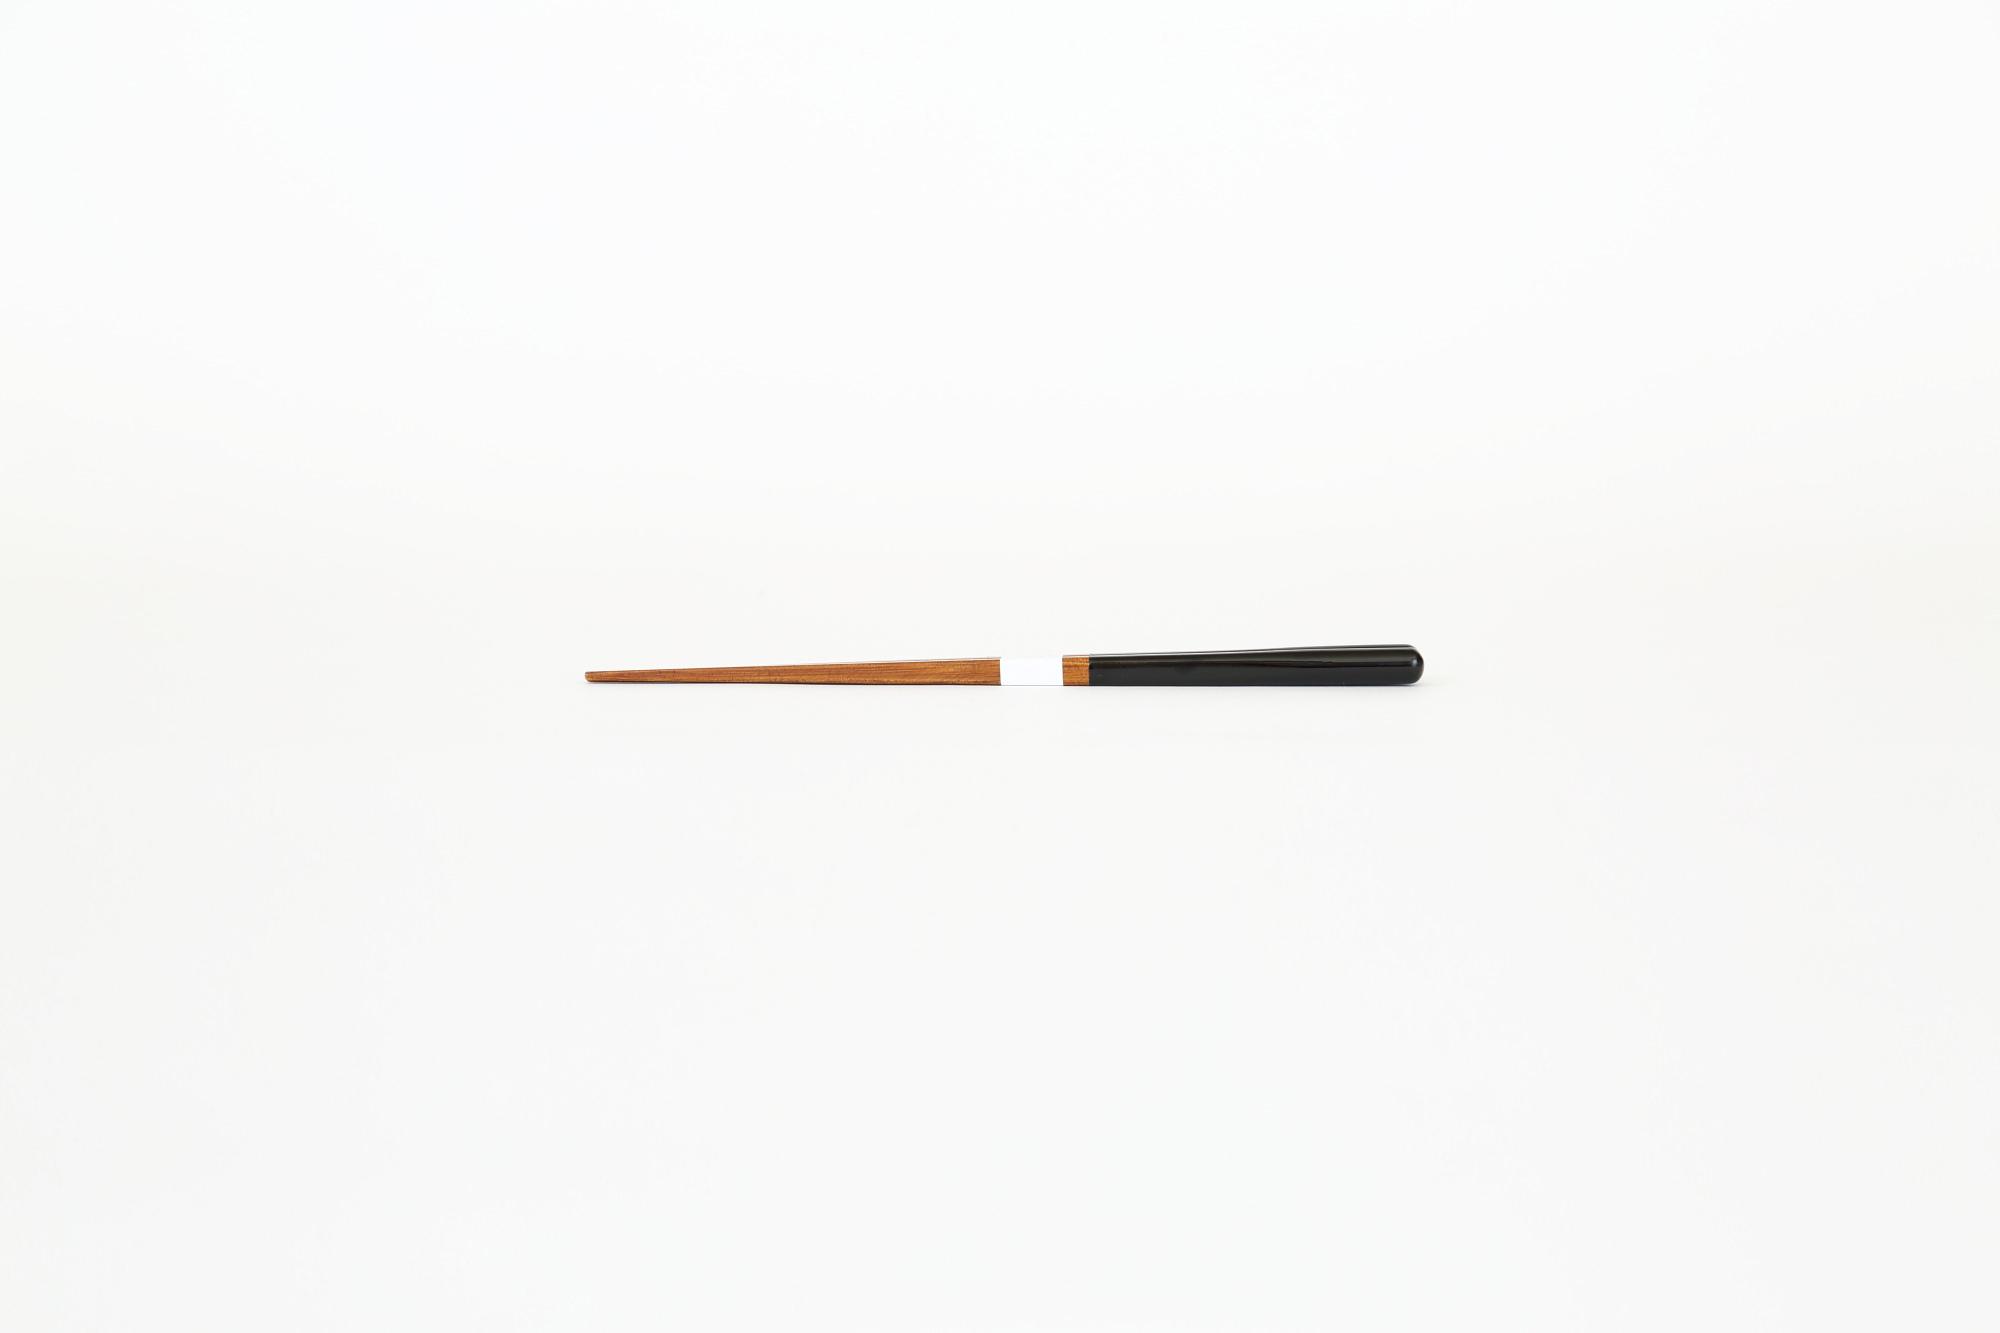 うるしがんこ箸 23cm